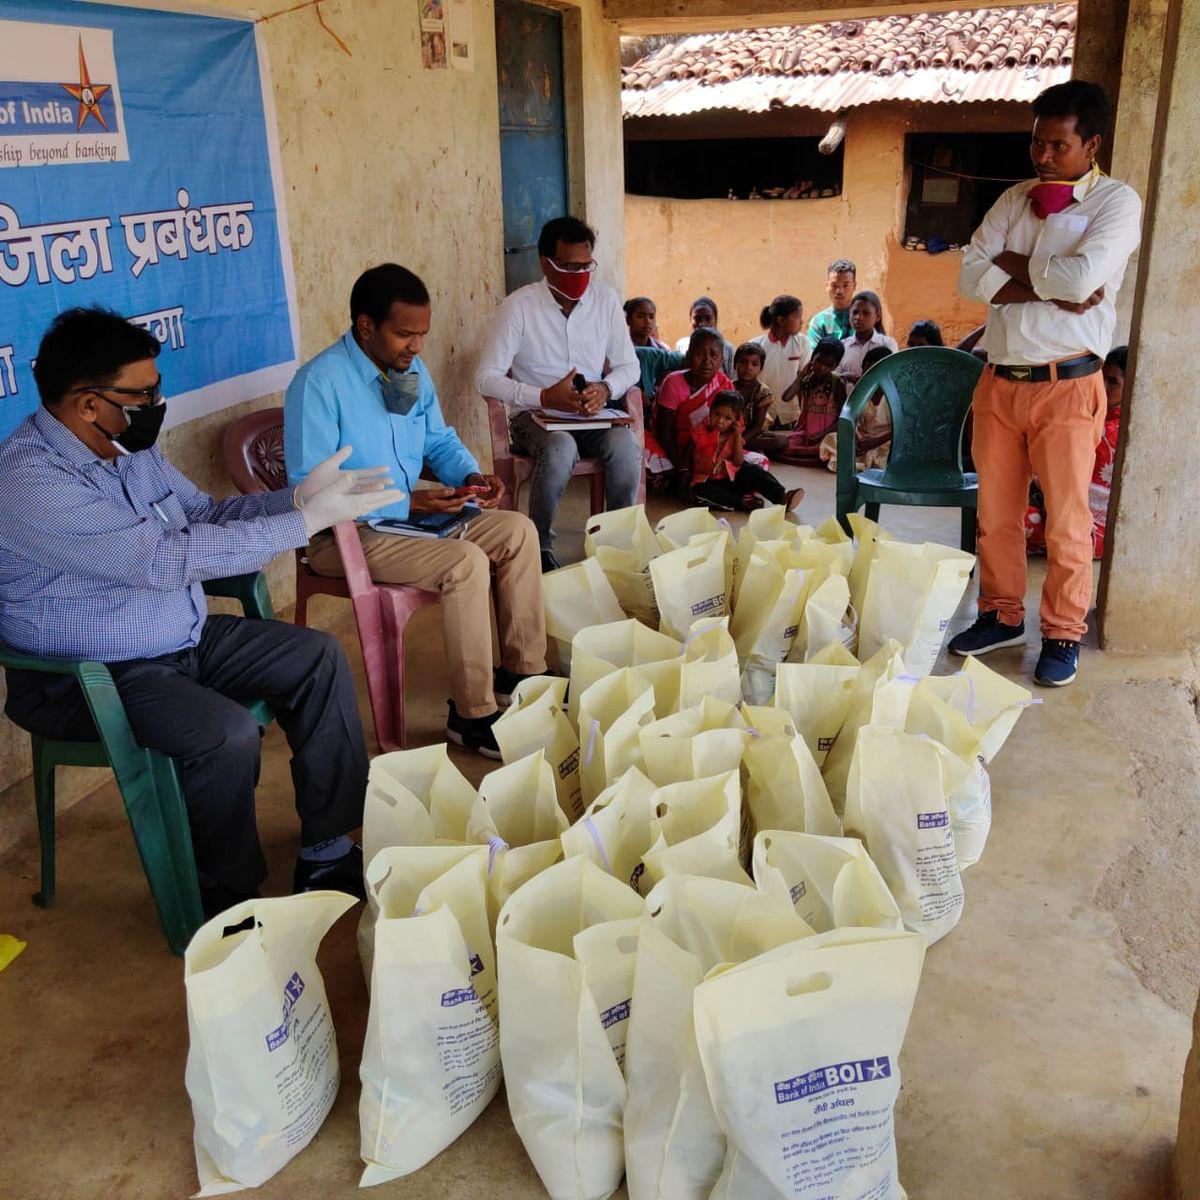 लोहरदगा में 1334 लोग होम क्वारेंटाइन में, बैंक ऑफ इंडिया कर रहा गरीबों की मदद